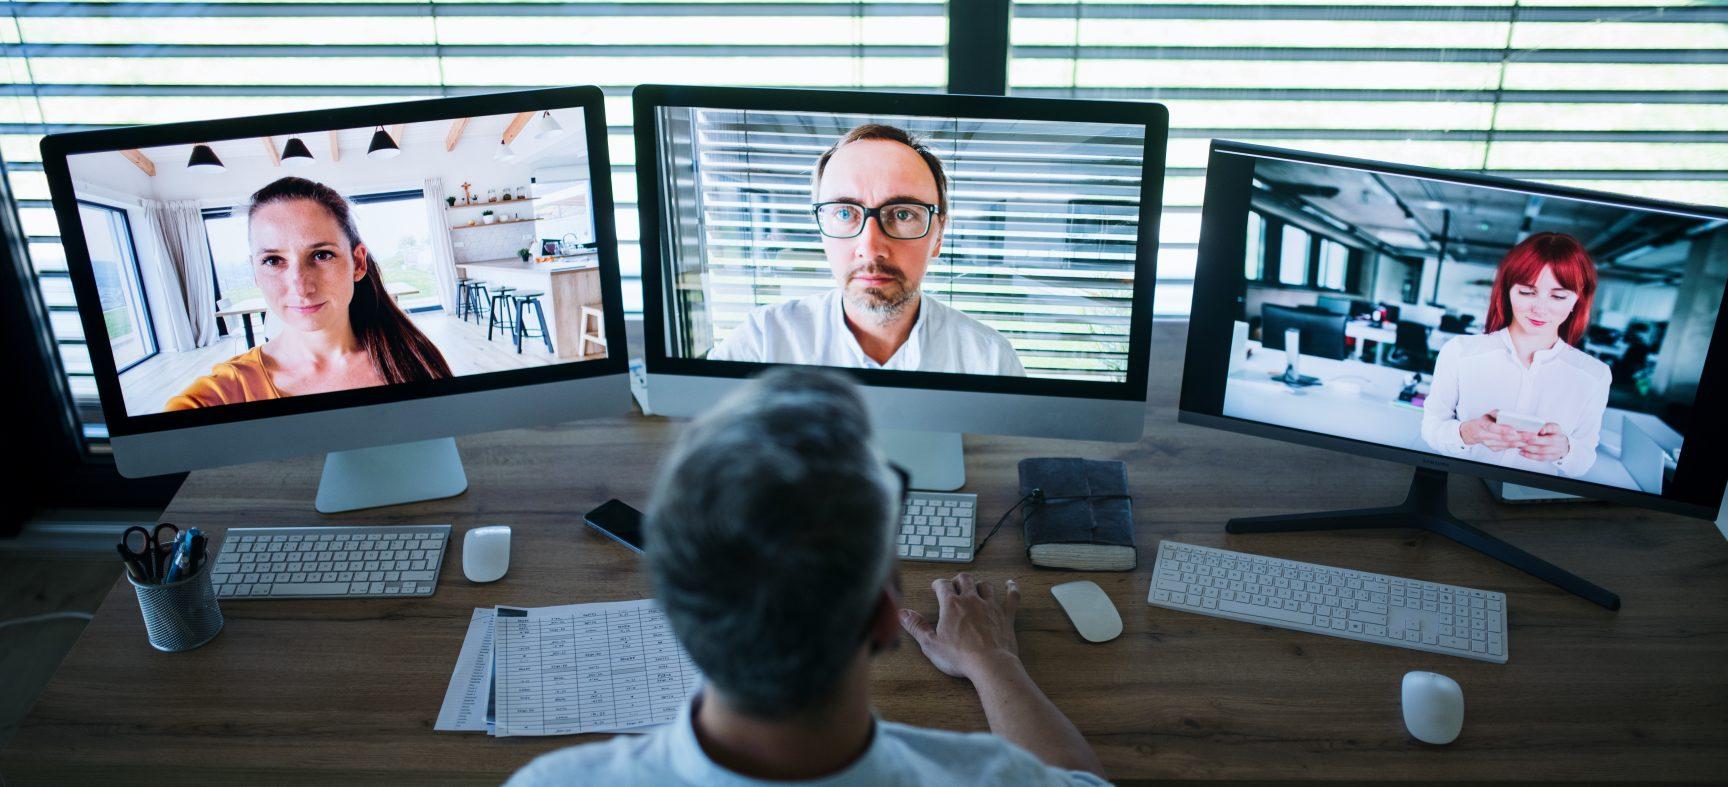 Université d'Ottawa : Tête-à-tête virtuel avec des professionnels du droit